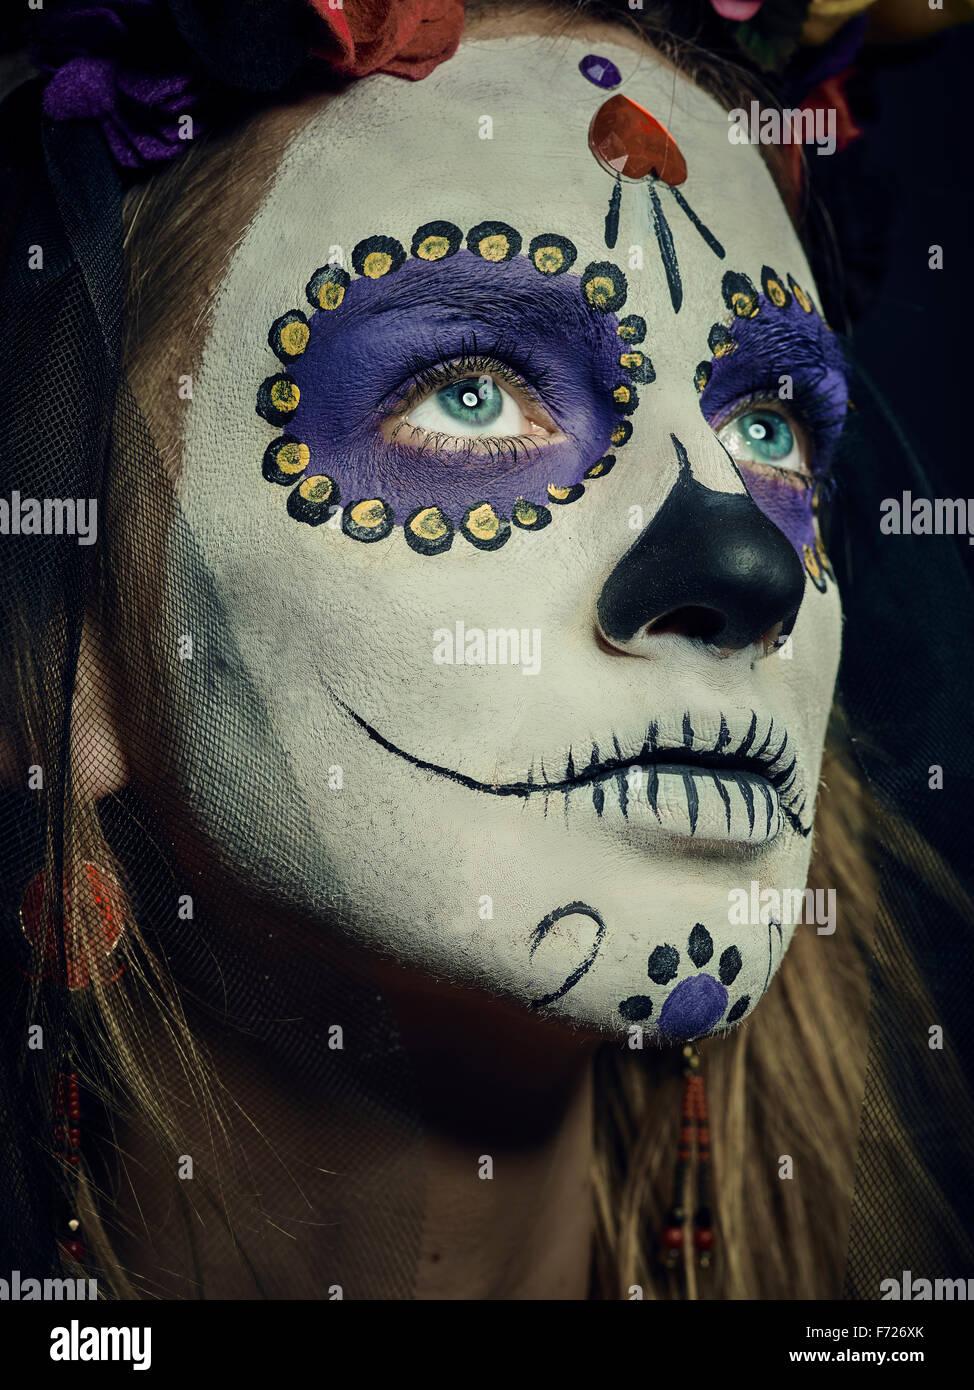 La Muerte. Klassische mexikanische Tag des Todes Make-up Stockbild